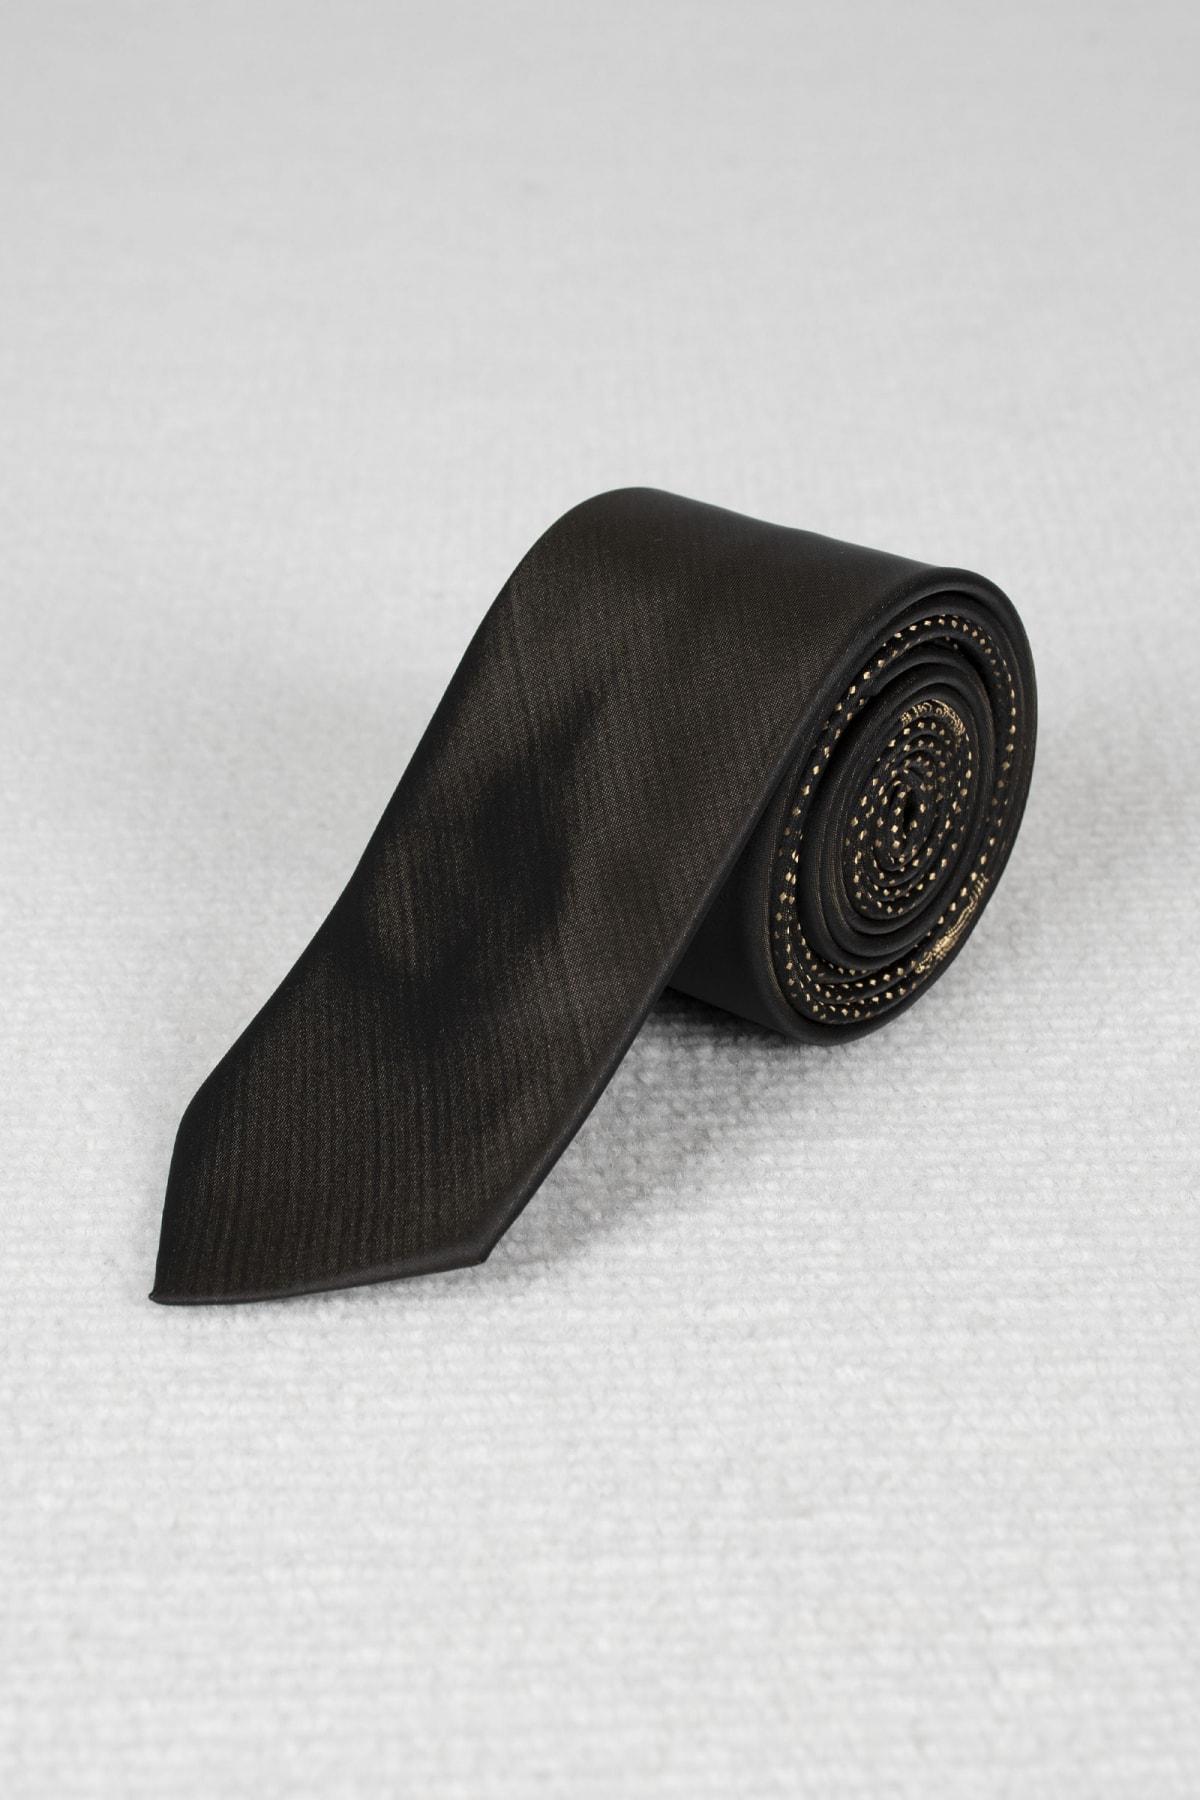 کراوات حراجی برند DeepSEA رنگ طلایی ty89202257